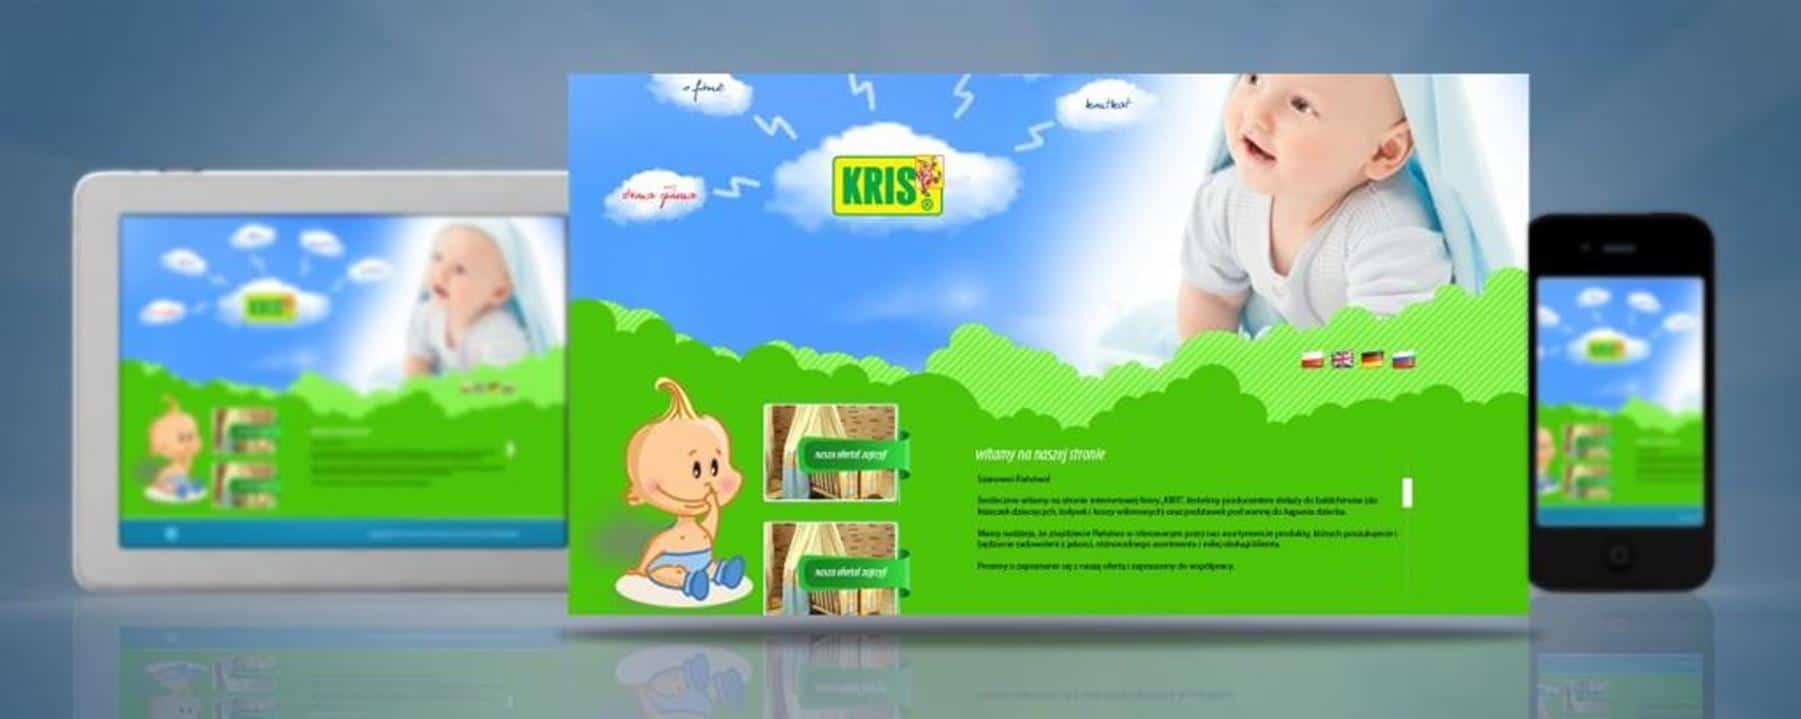 kris_webside